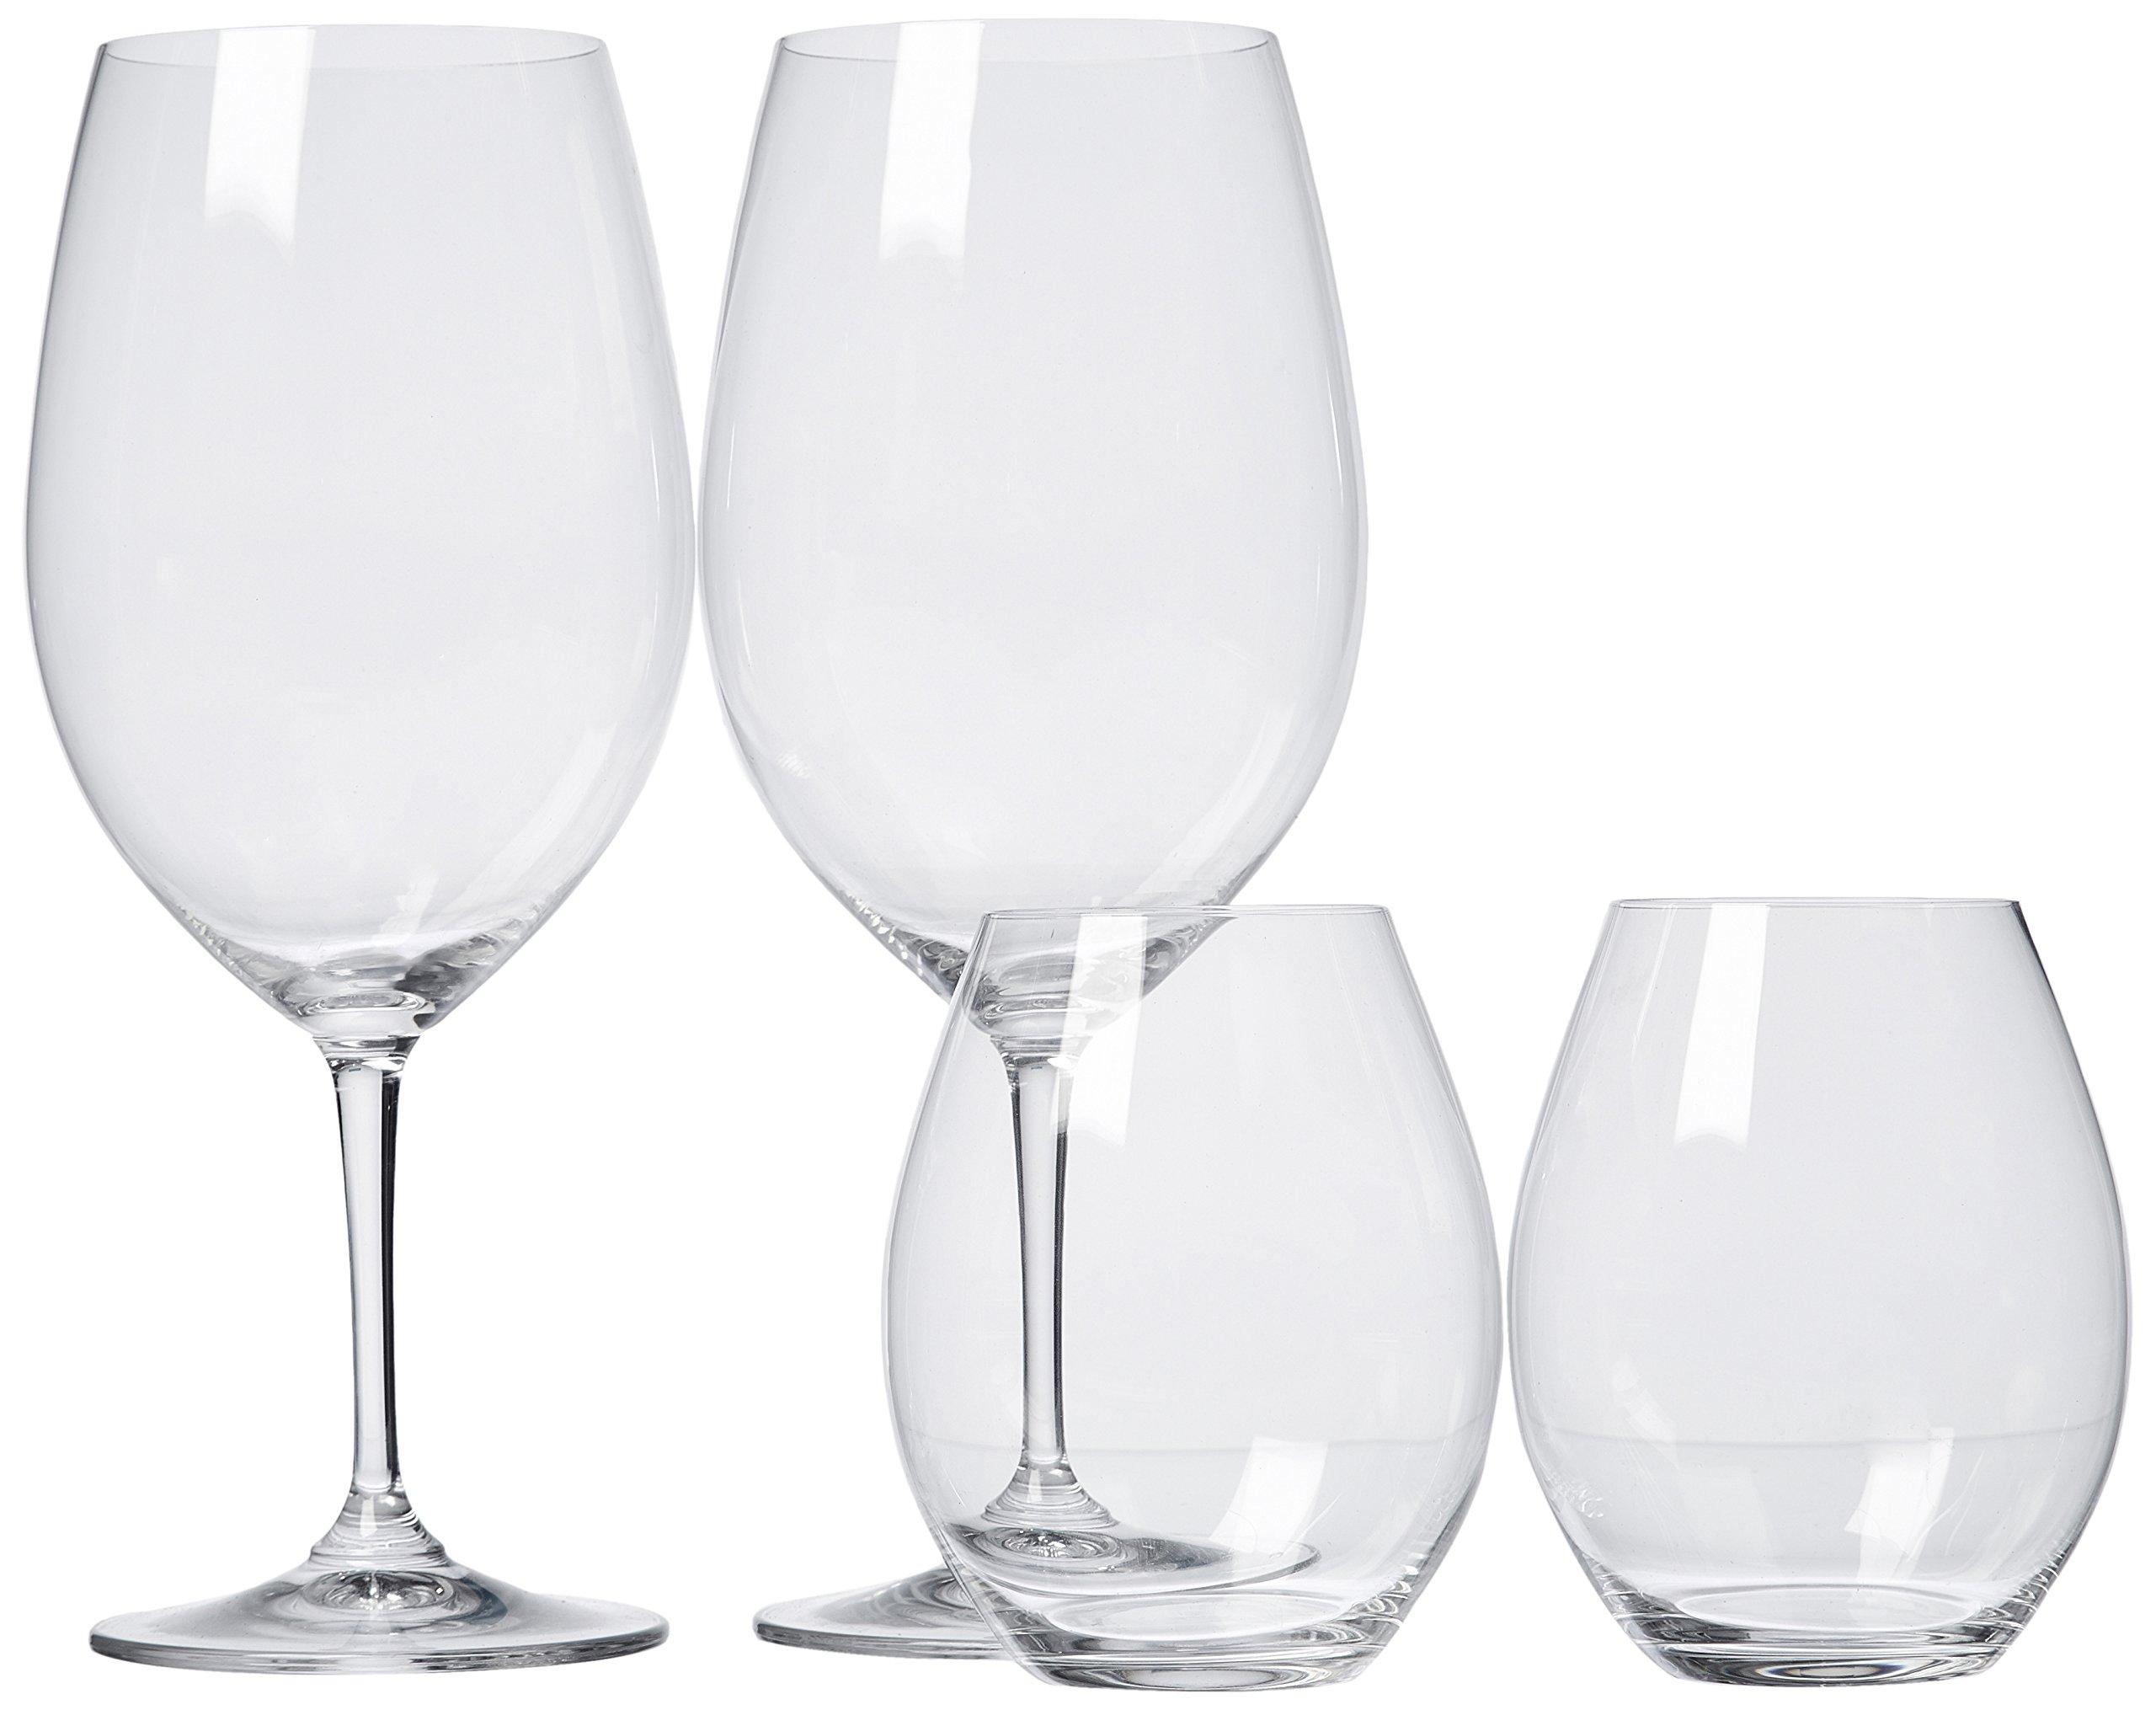 Riedel 4 Piece Vinum XL Cabernet/Sauvignon and O Syrah/Shiraz Red Wine Glass Set